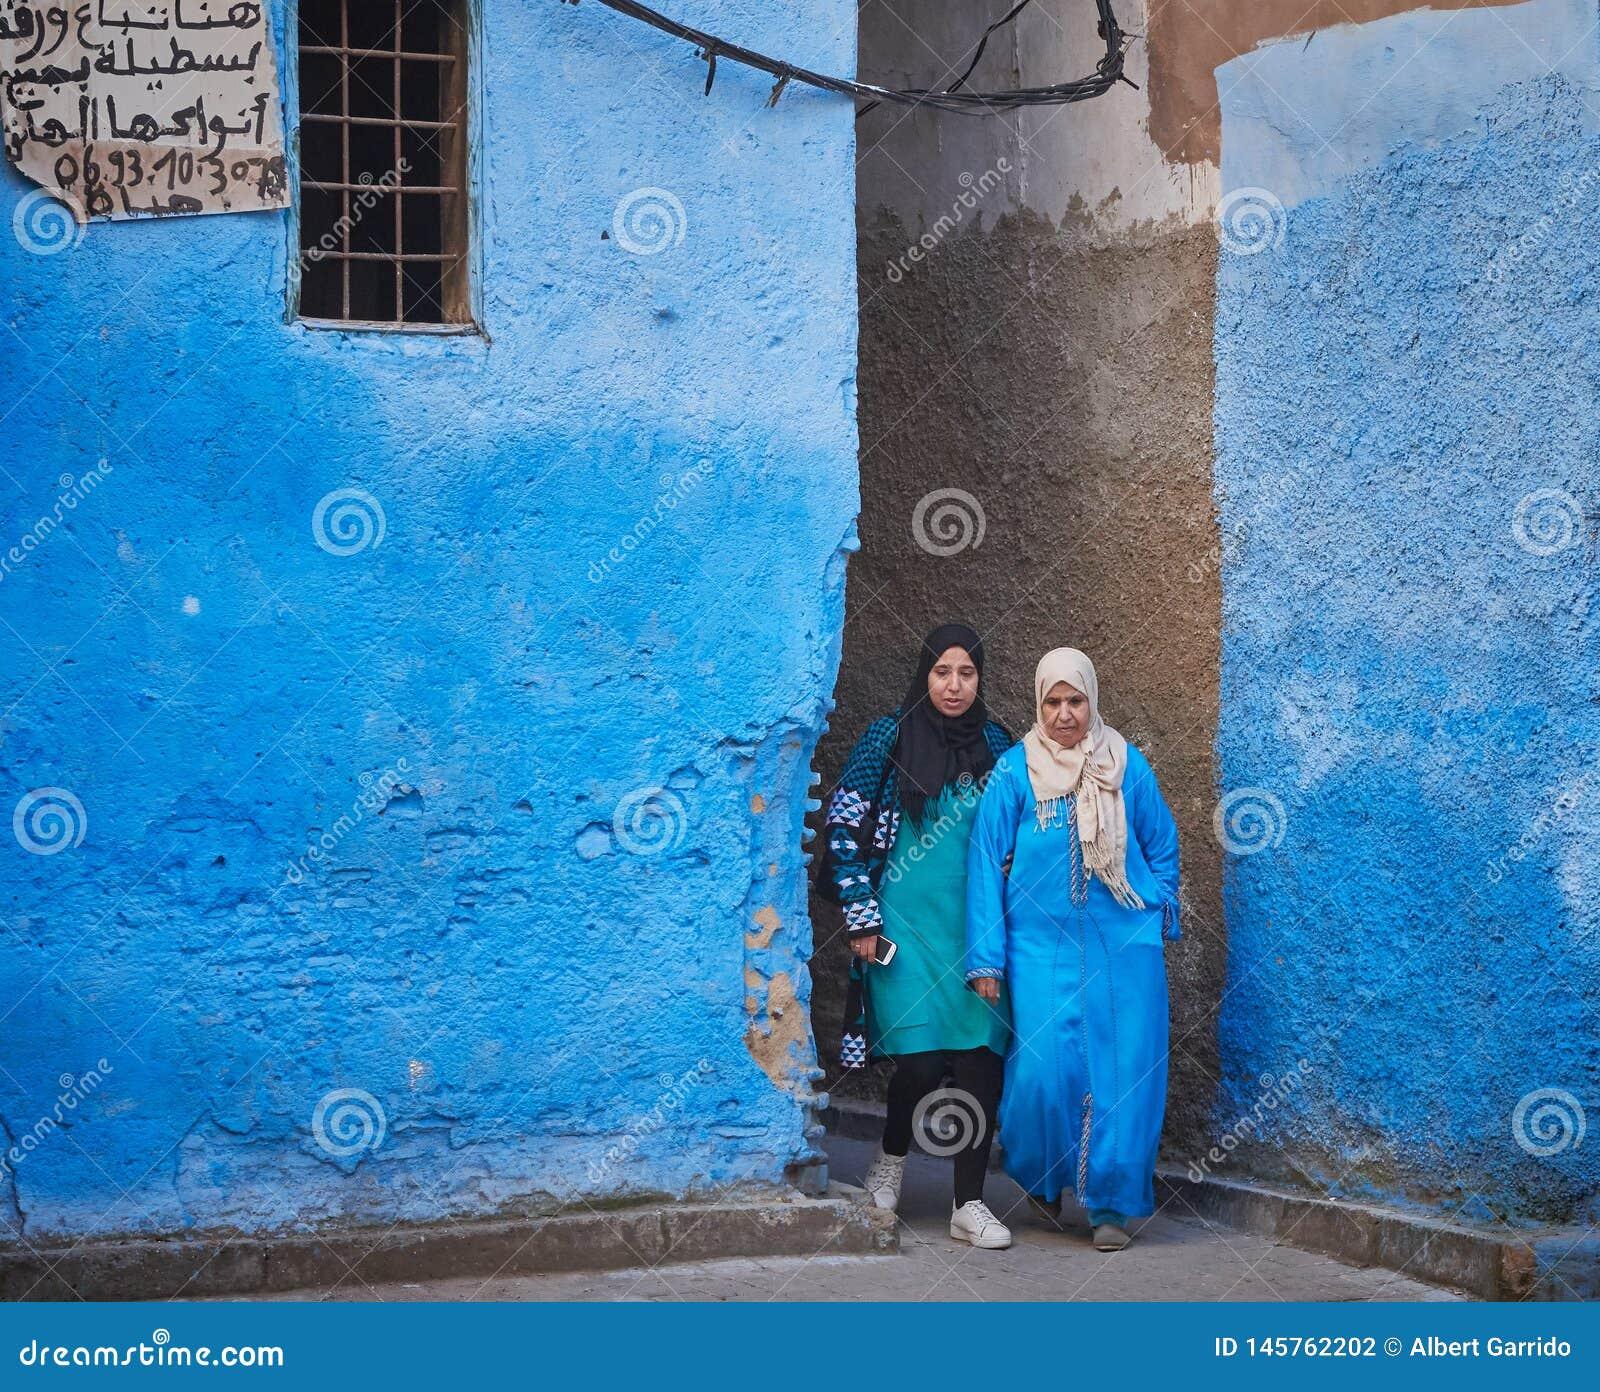 Fes, Marocco - 7 dicembre 2018: coppie delle donne marocchine che lasciano un vicolo blu nel Medina di Fes